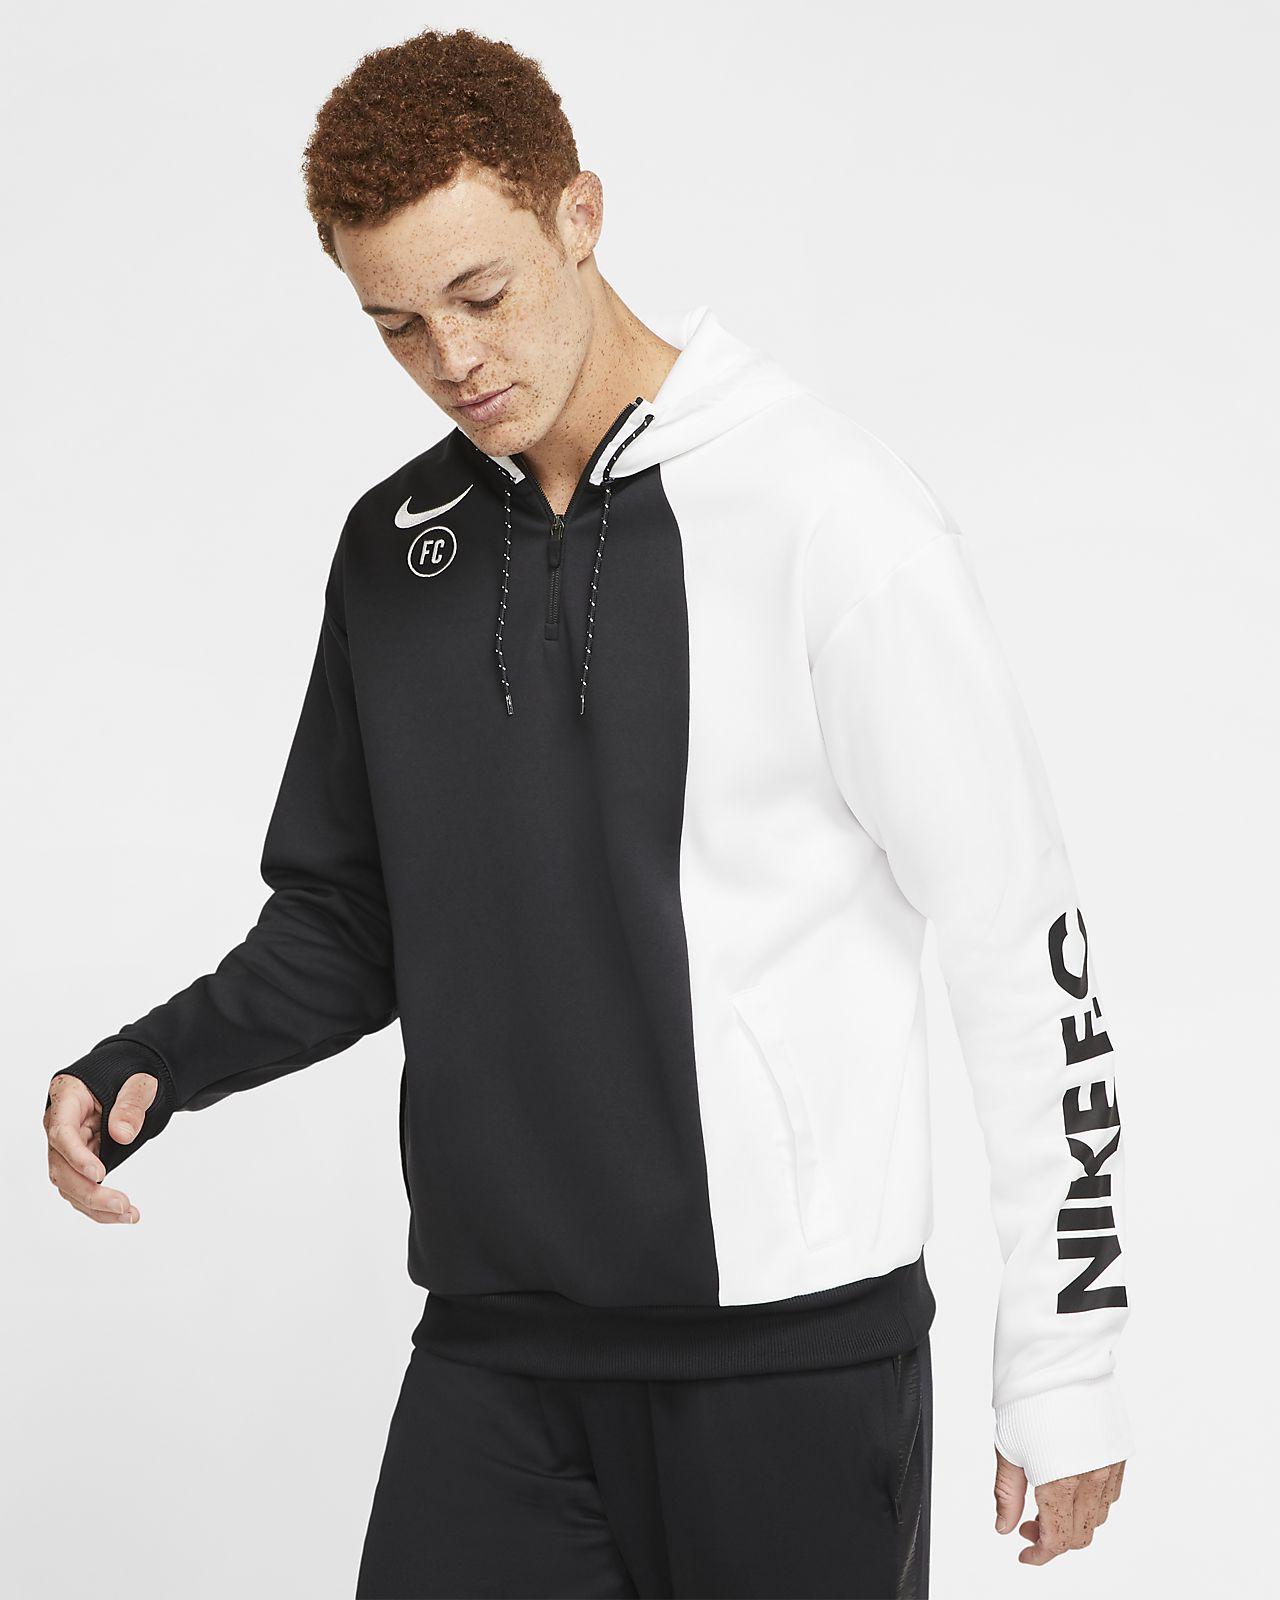 Nike F.C. Men's Football Hoodie